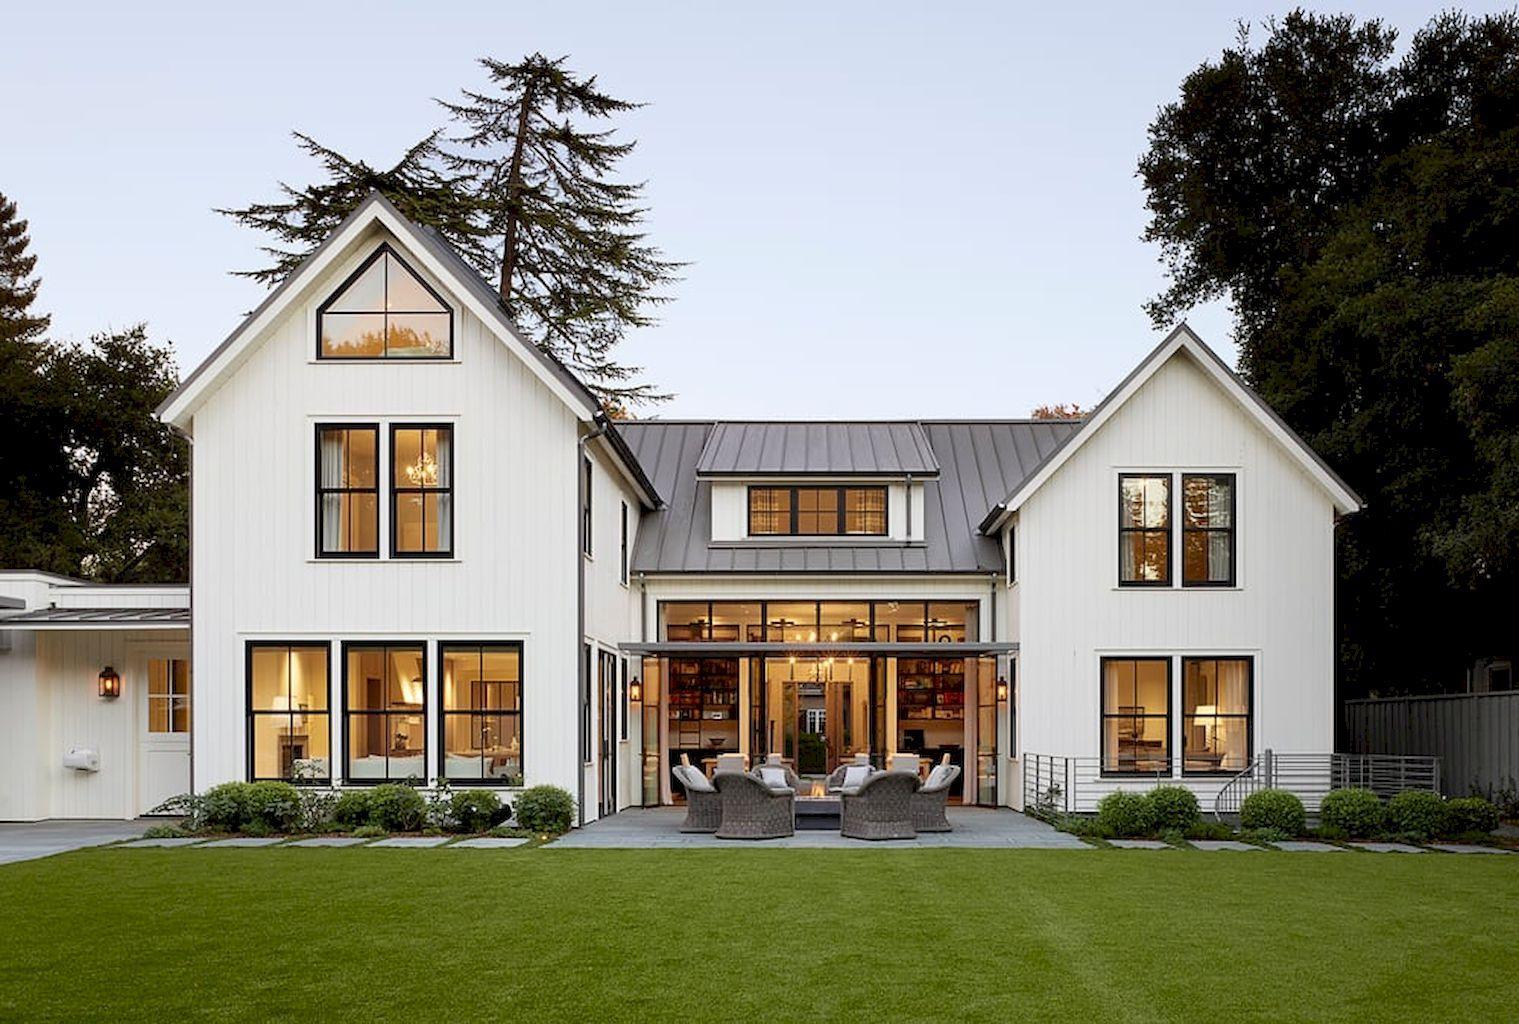 Fullsize Of Rustic Home Exterior Design